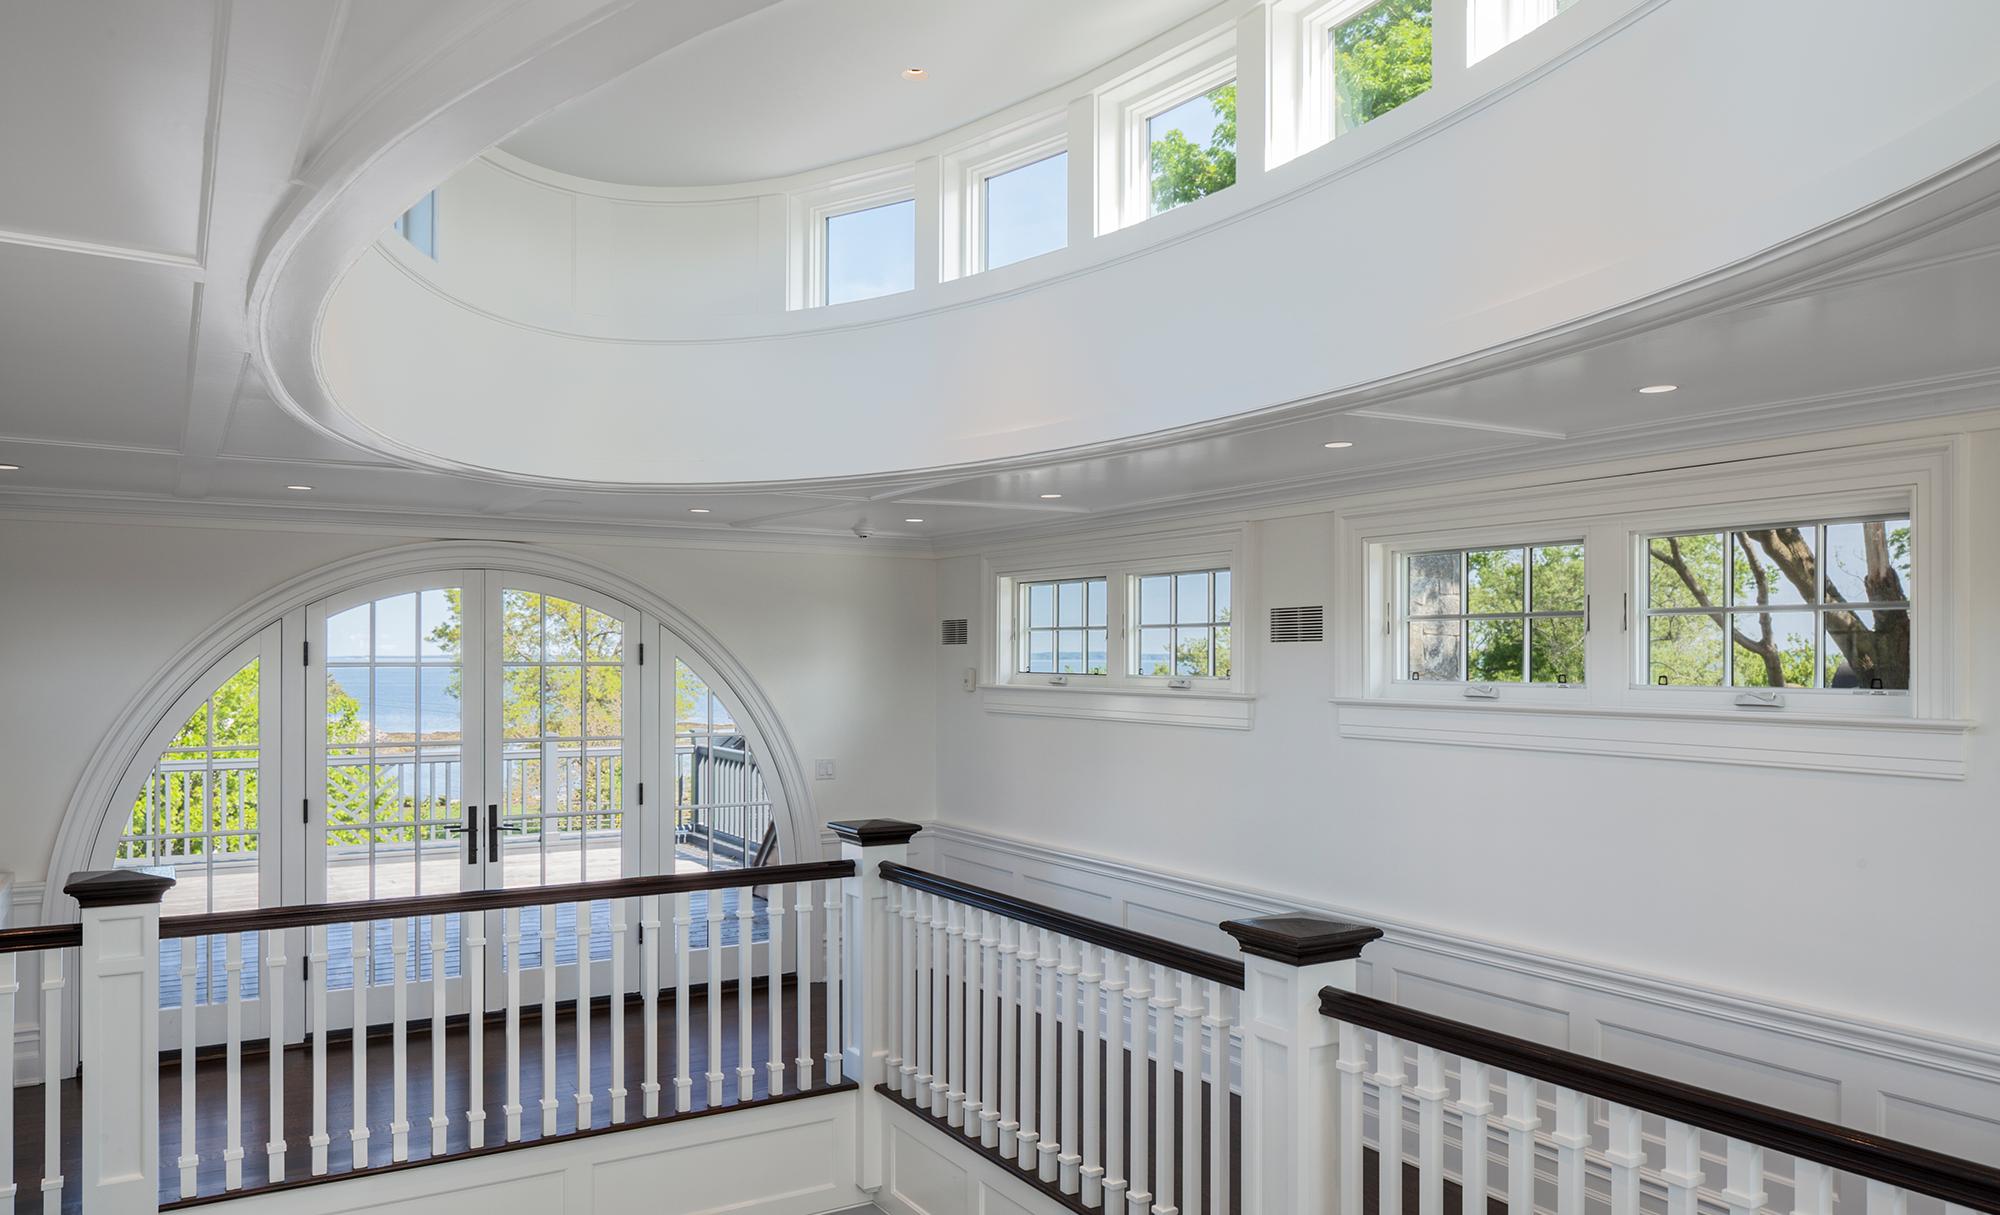 Top Floor Deck